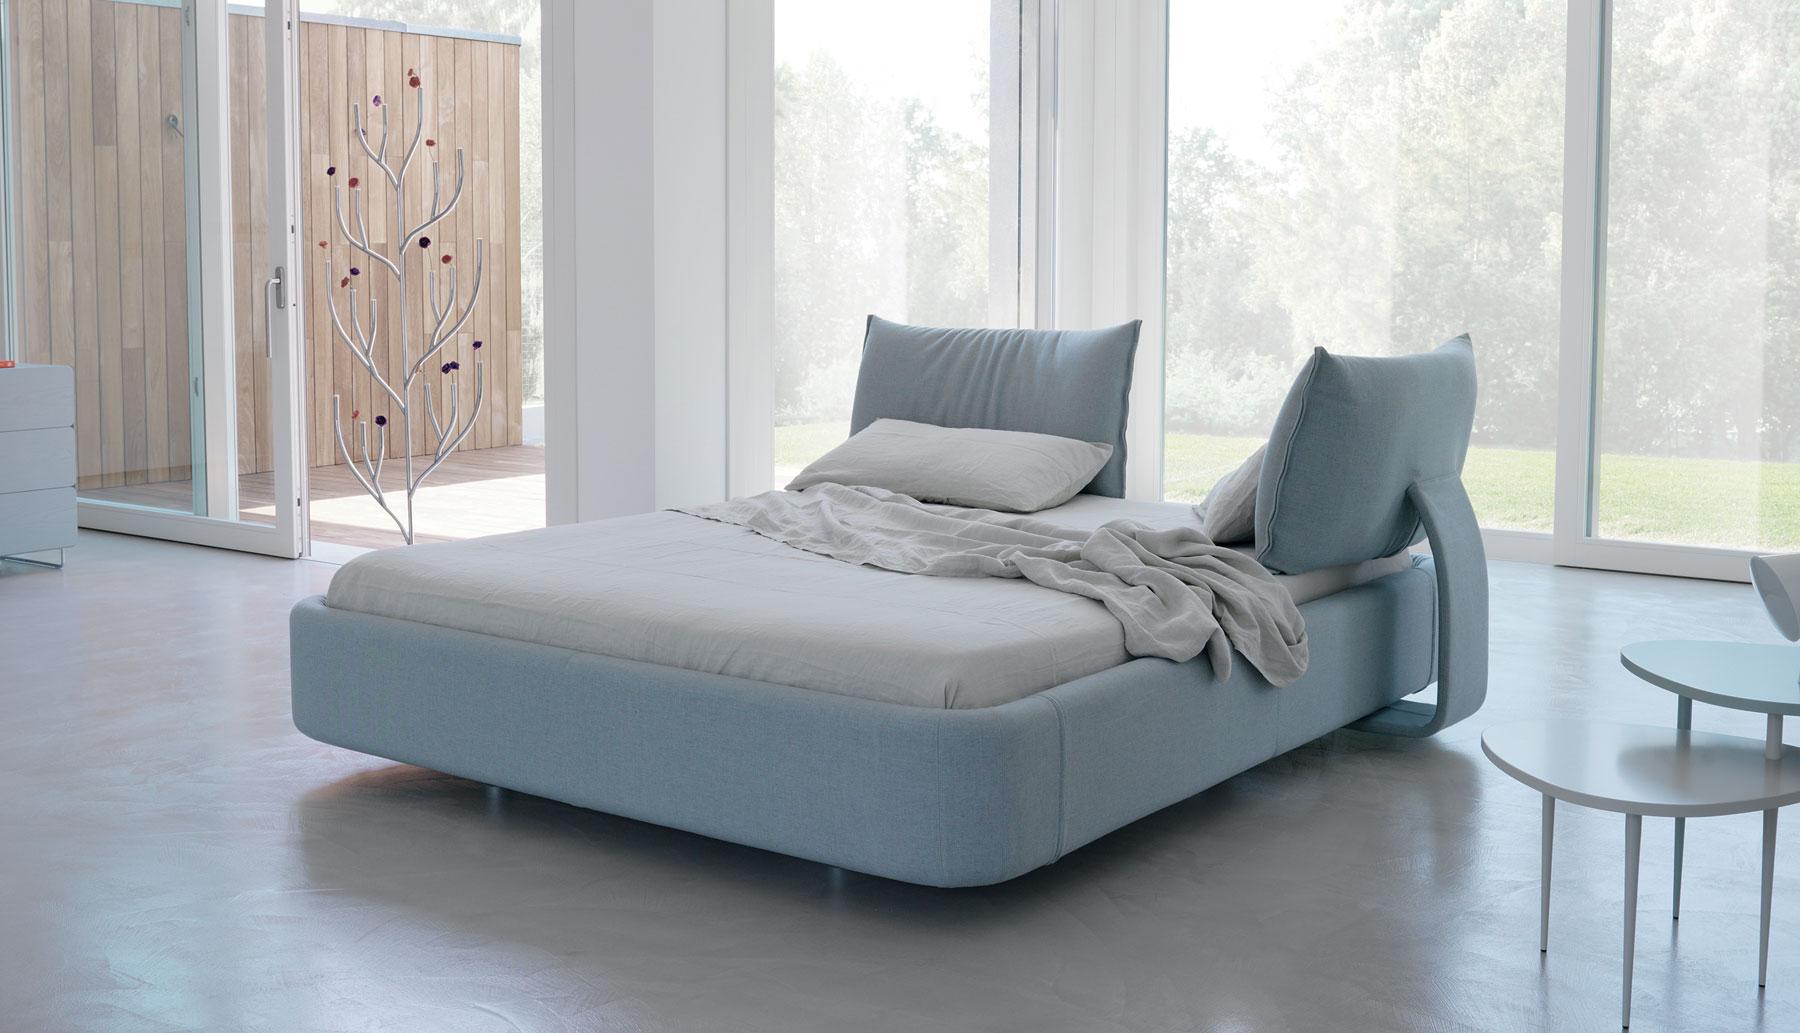 letto-quaela-caccaroF49EC828-4B58-2E34-6938-E620C7A4D5A0